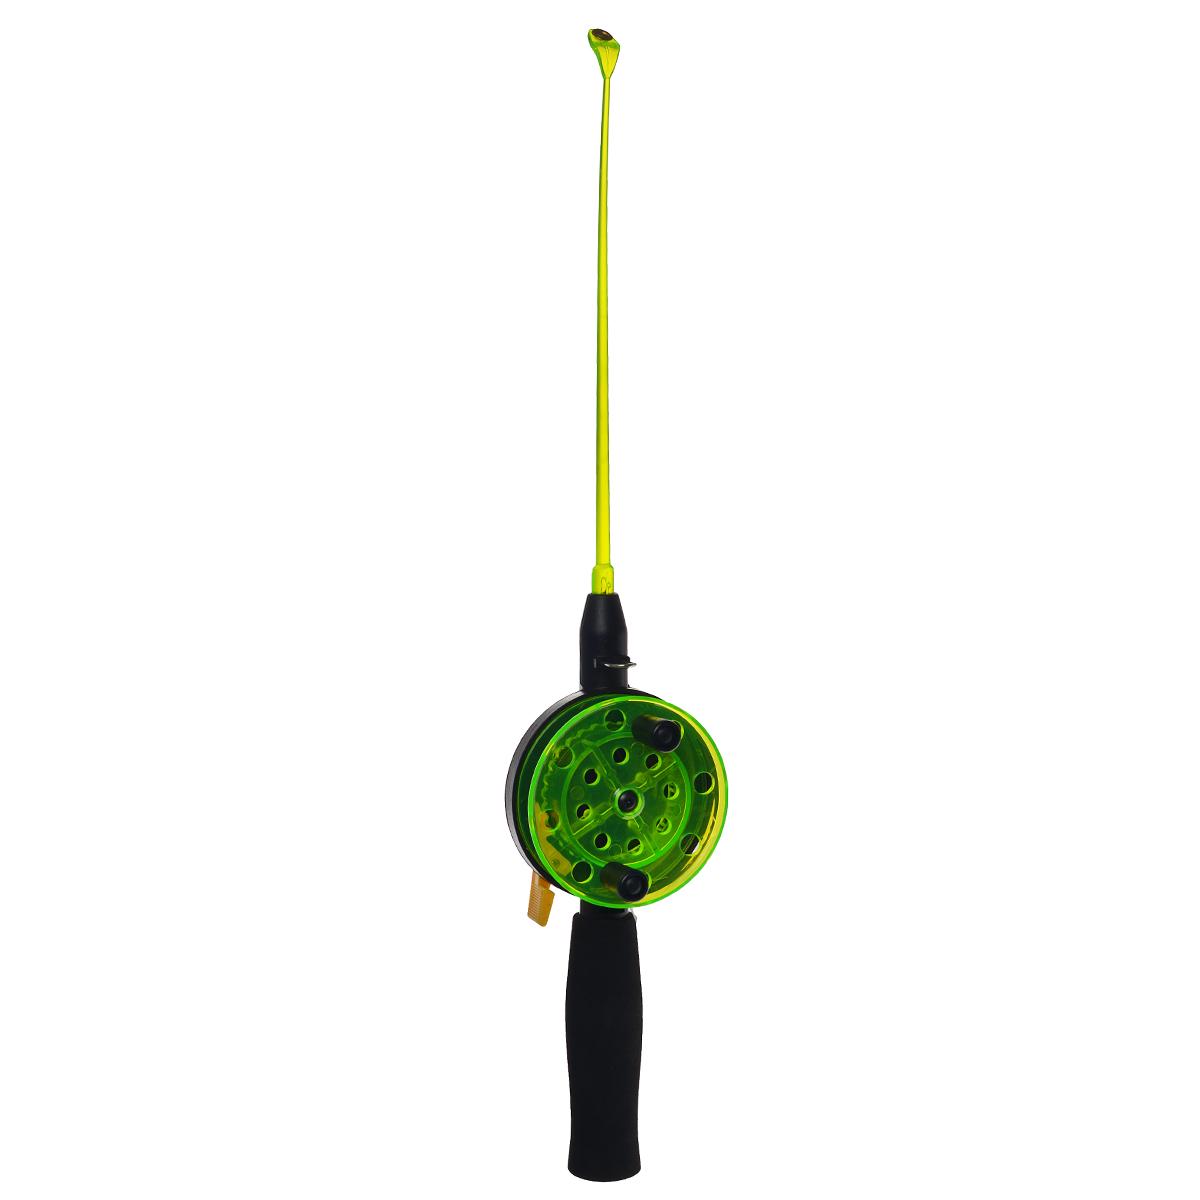 Удочка зимняя SWD HR201, цвет: черный, зеленый, 40 см28384Зимняя удочка SWD HR201 с открытой катушкой диаметром 76 мм и клавишным стопором. Оснащена пластиковым хлыстом длиной 20 см с тюльпаном на конце. Ручка длиной 100 мм выполнена из неопрена.